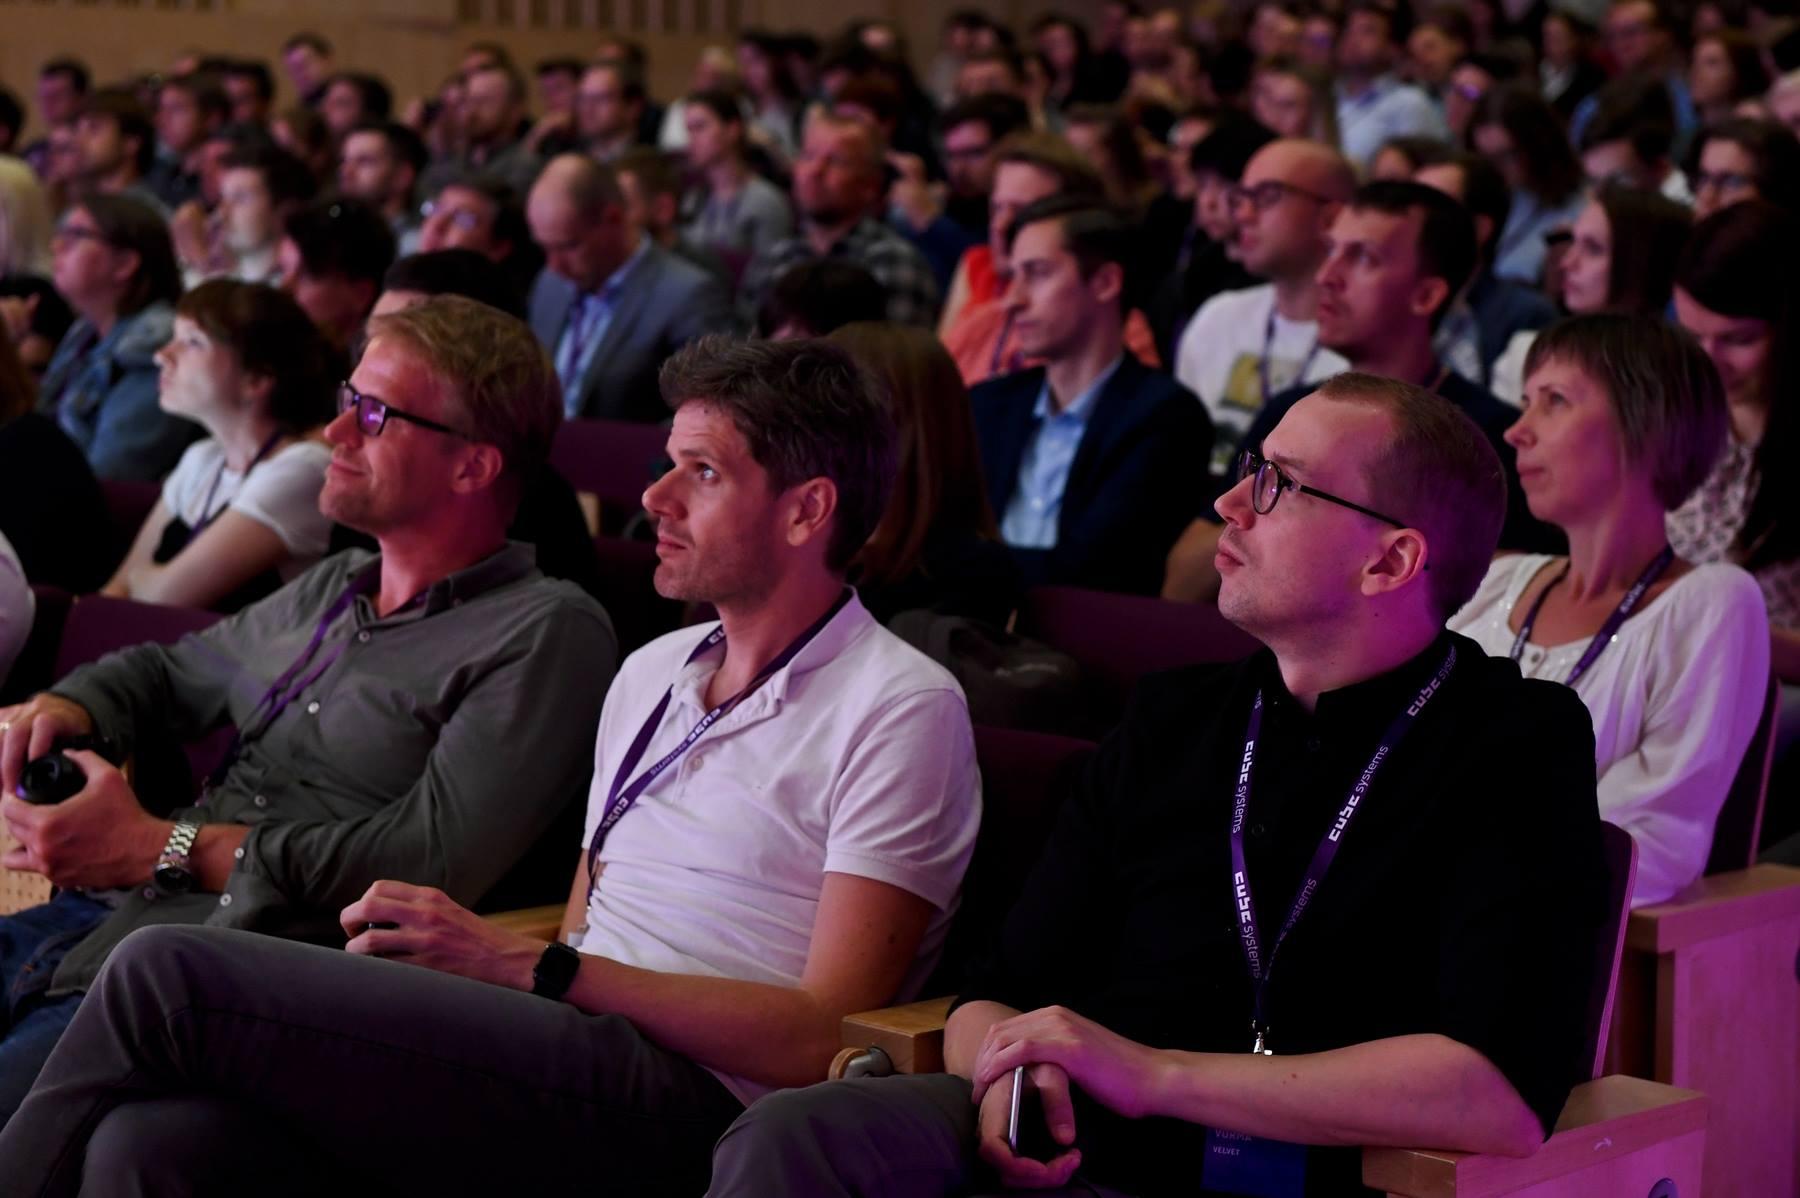 UX Riga 2018 attendees